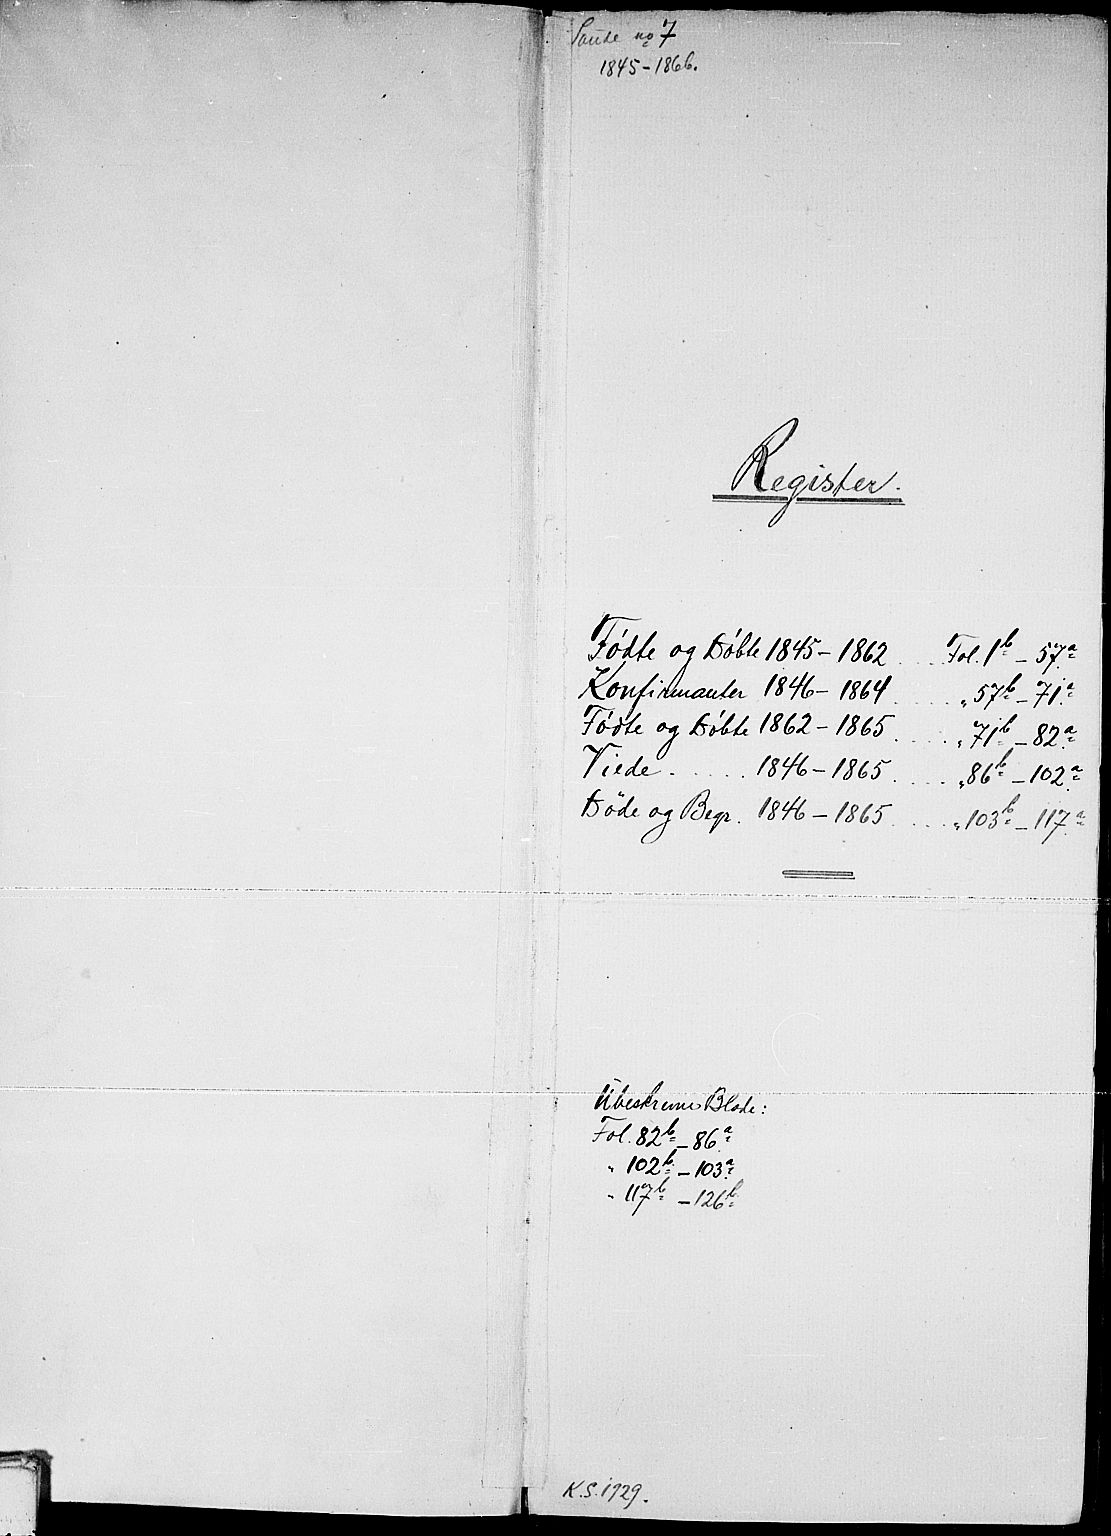 SAKO, Sauherad kirkebøker, G/Gb/L0001: Klokkerbok nr. II 1, 1845-1865